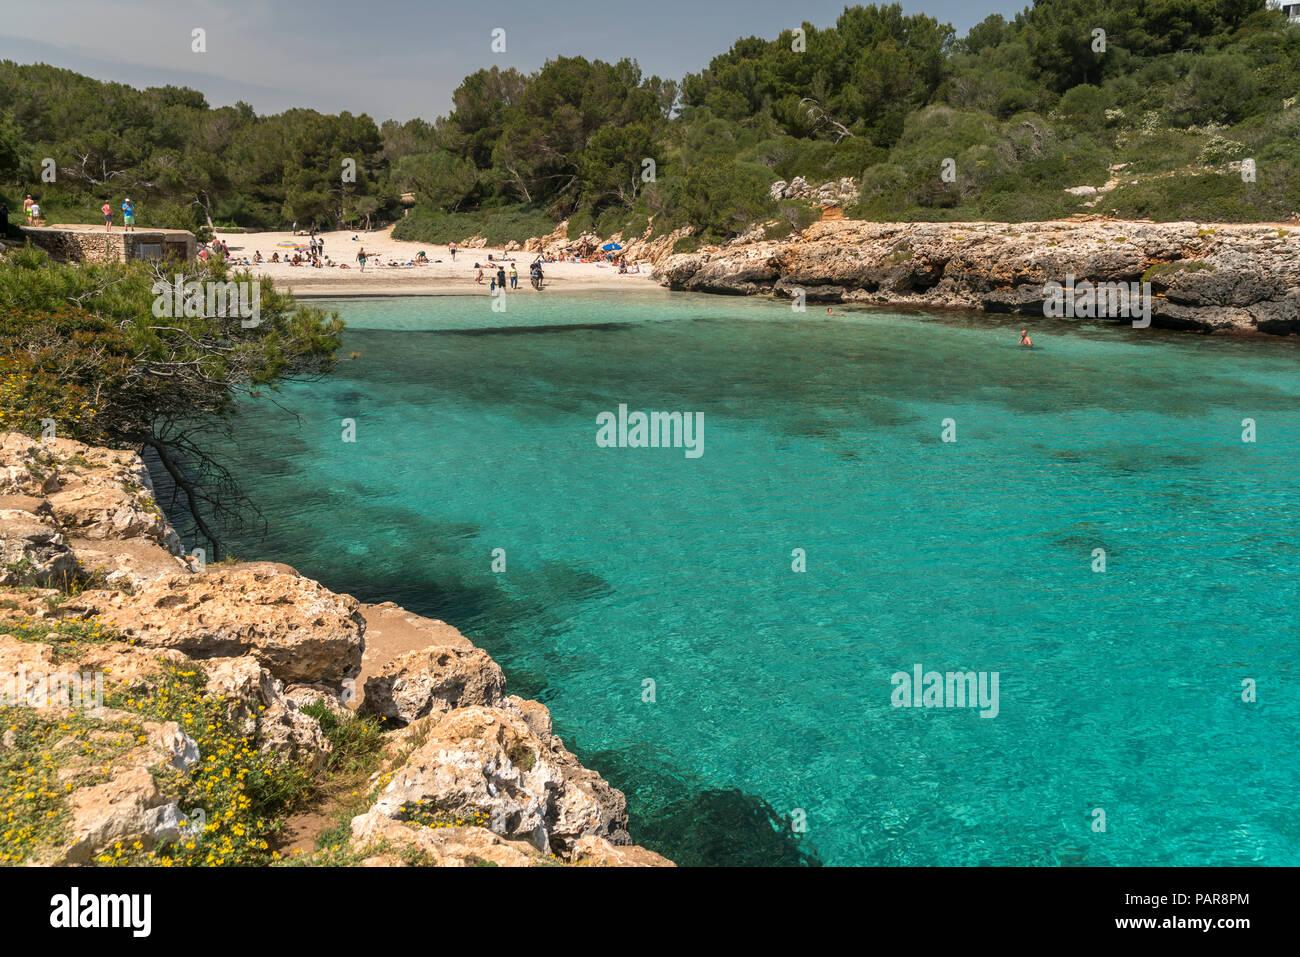 Spain, Balearic Islands, Mallorca, Felanitx, Cala Sa Nau - Stock Image